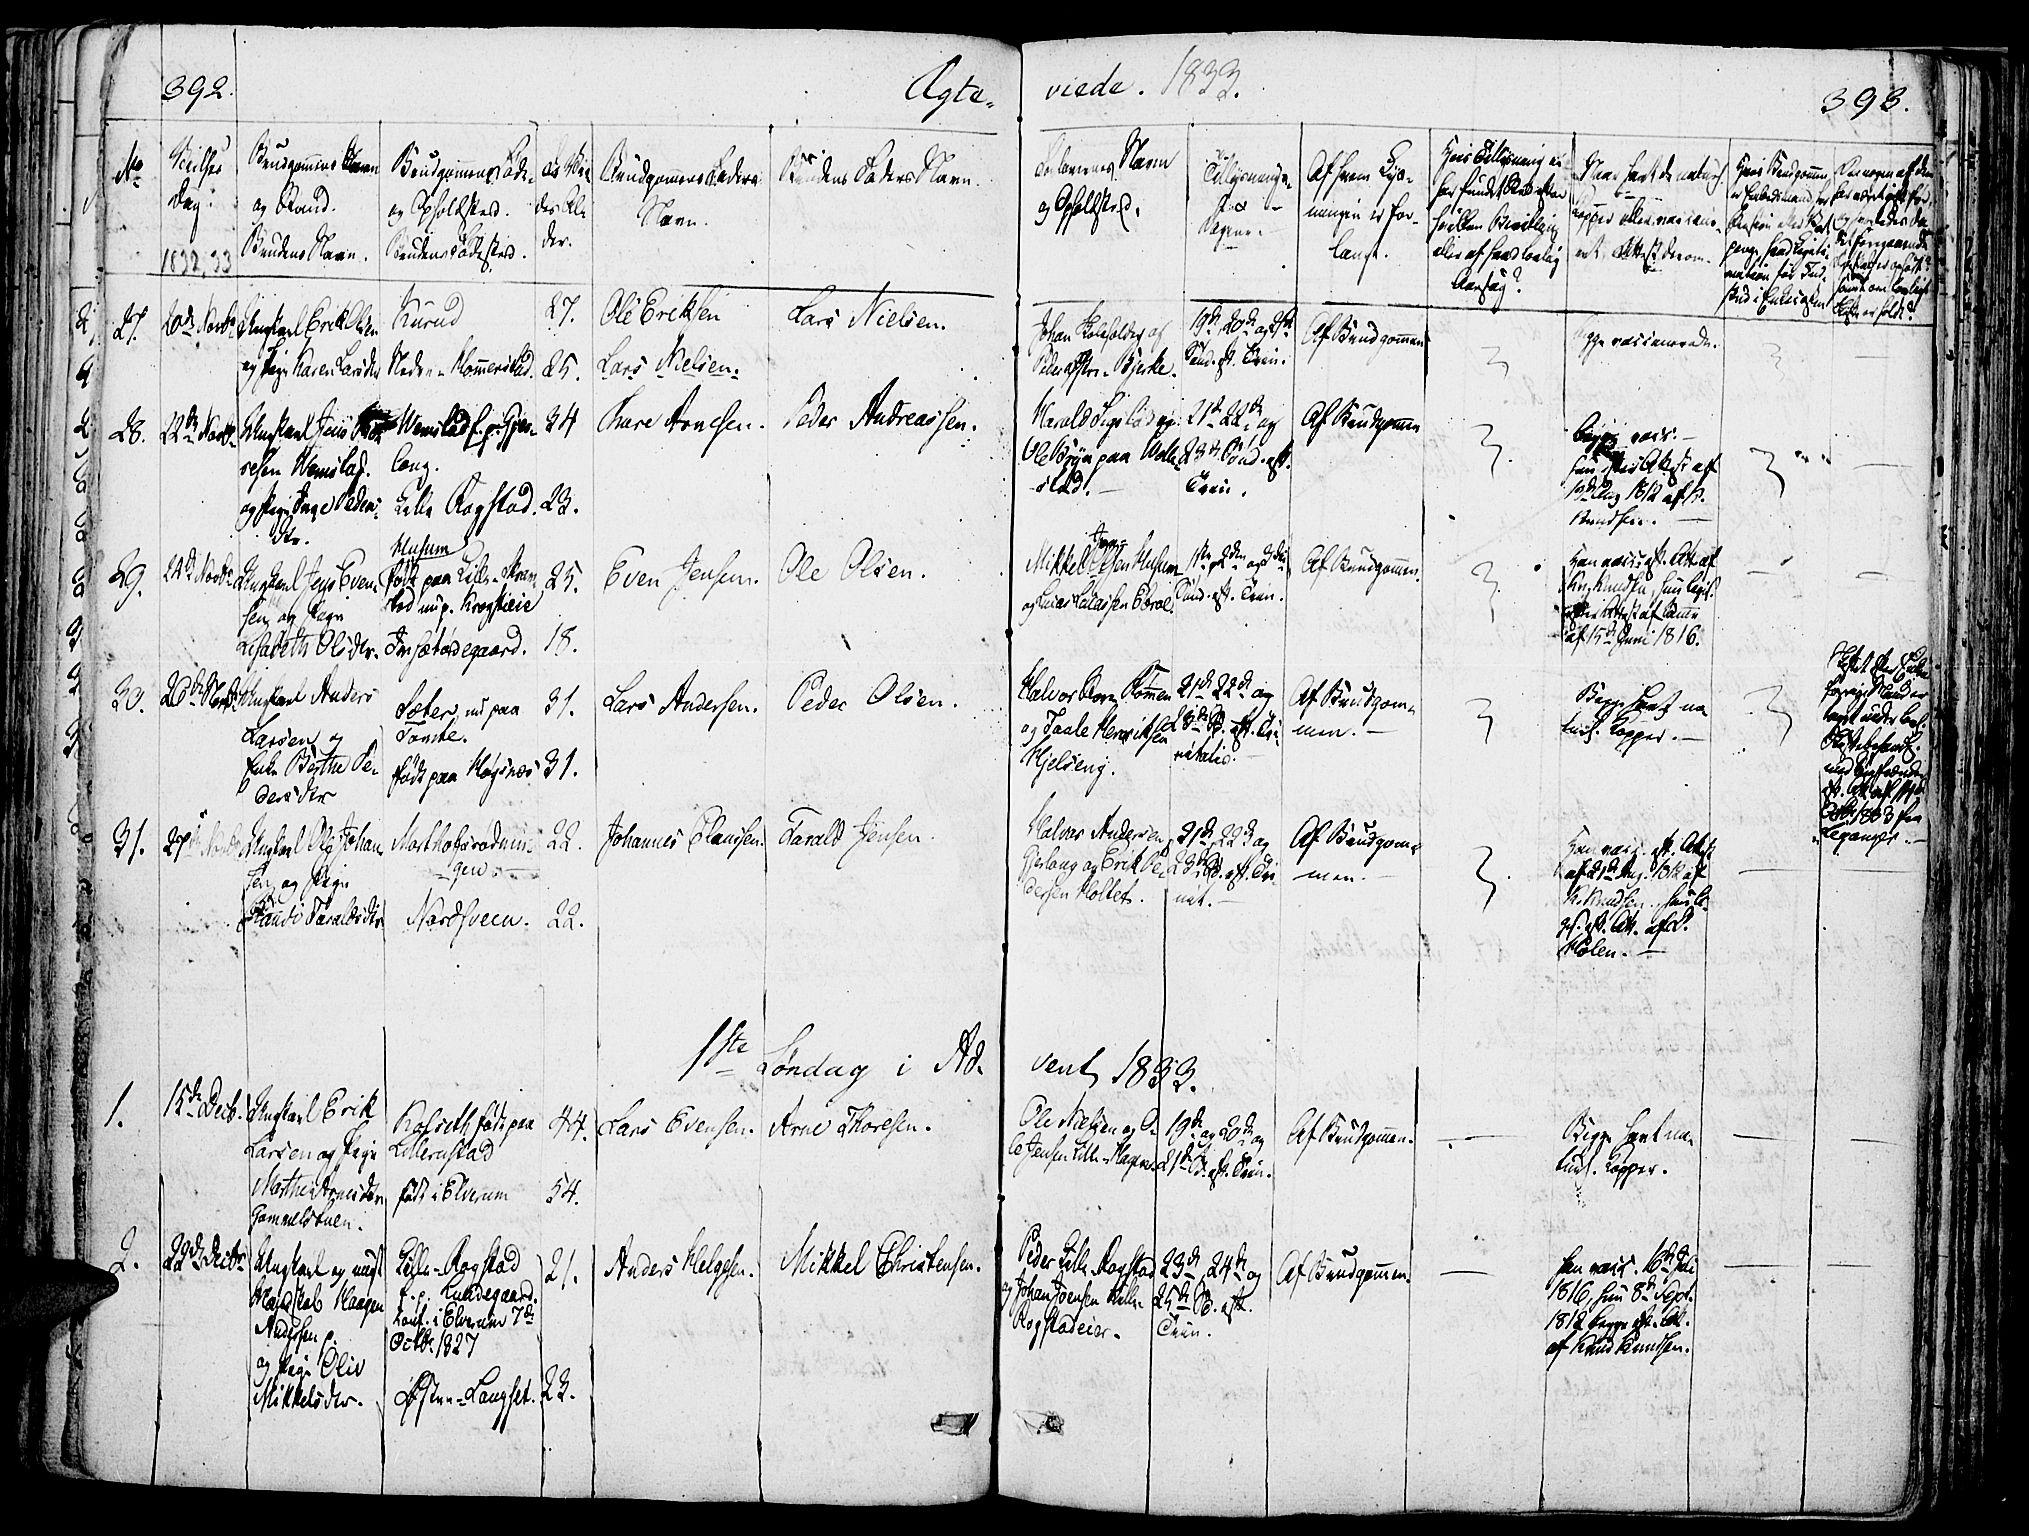 SAH, Løten prestekontor, K/Ka/L0006: Parish register (official) no. 6, 1832-1849, p. 392-393